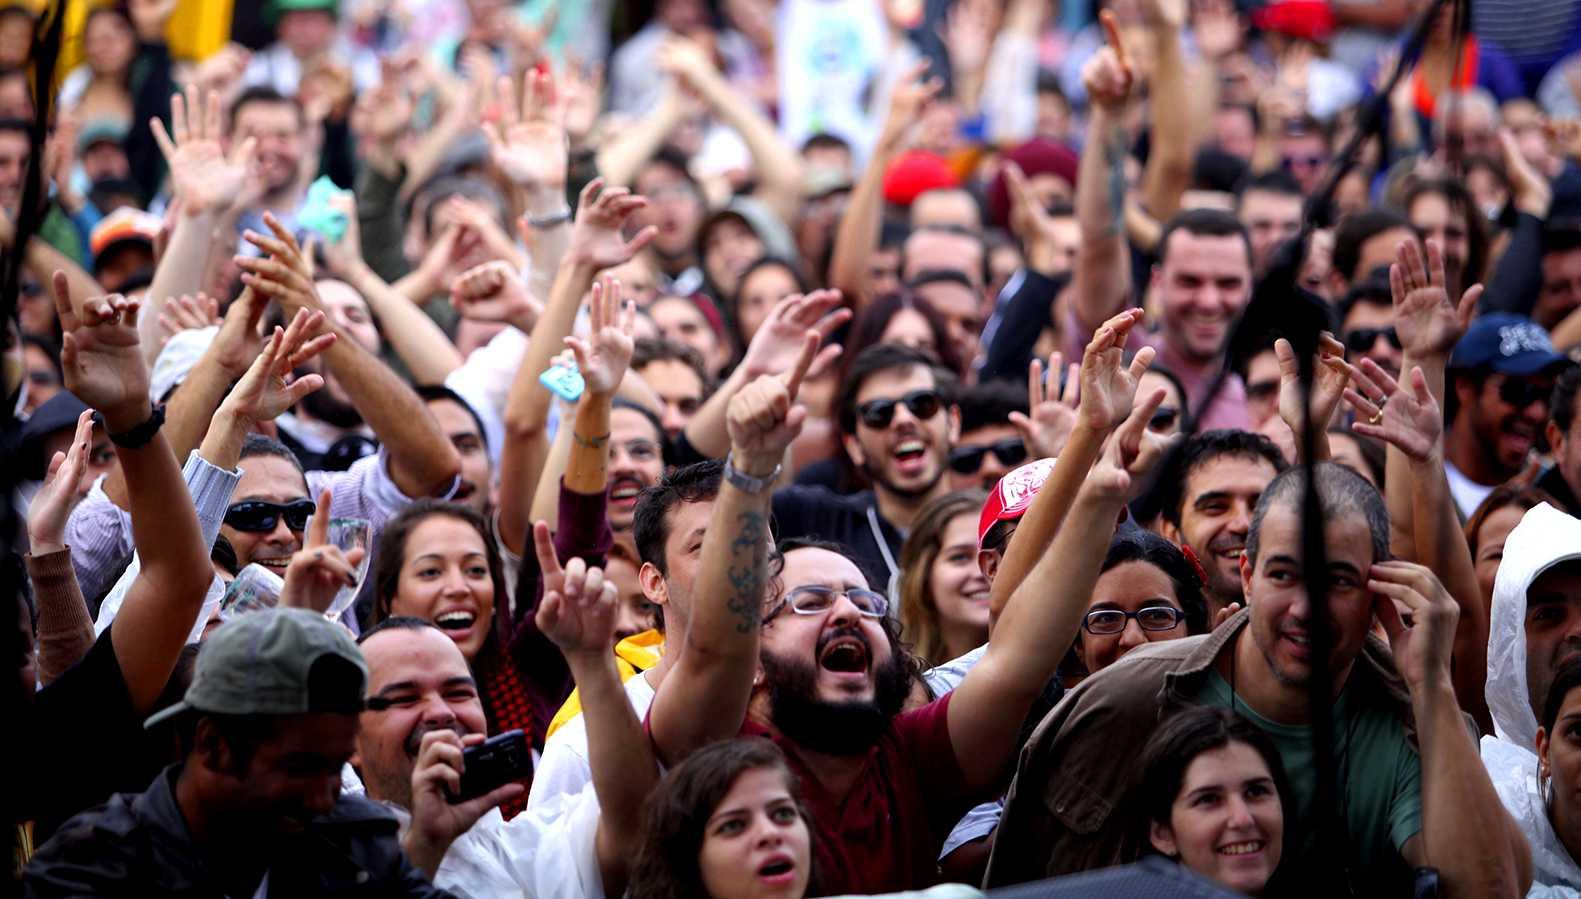 Foto da plateia assistindo um show do Rio das Ostras Jazz e Blues Festival